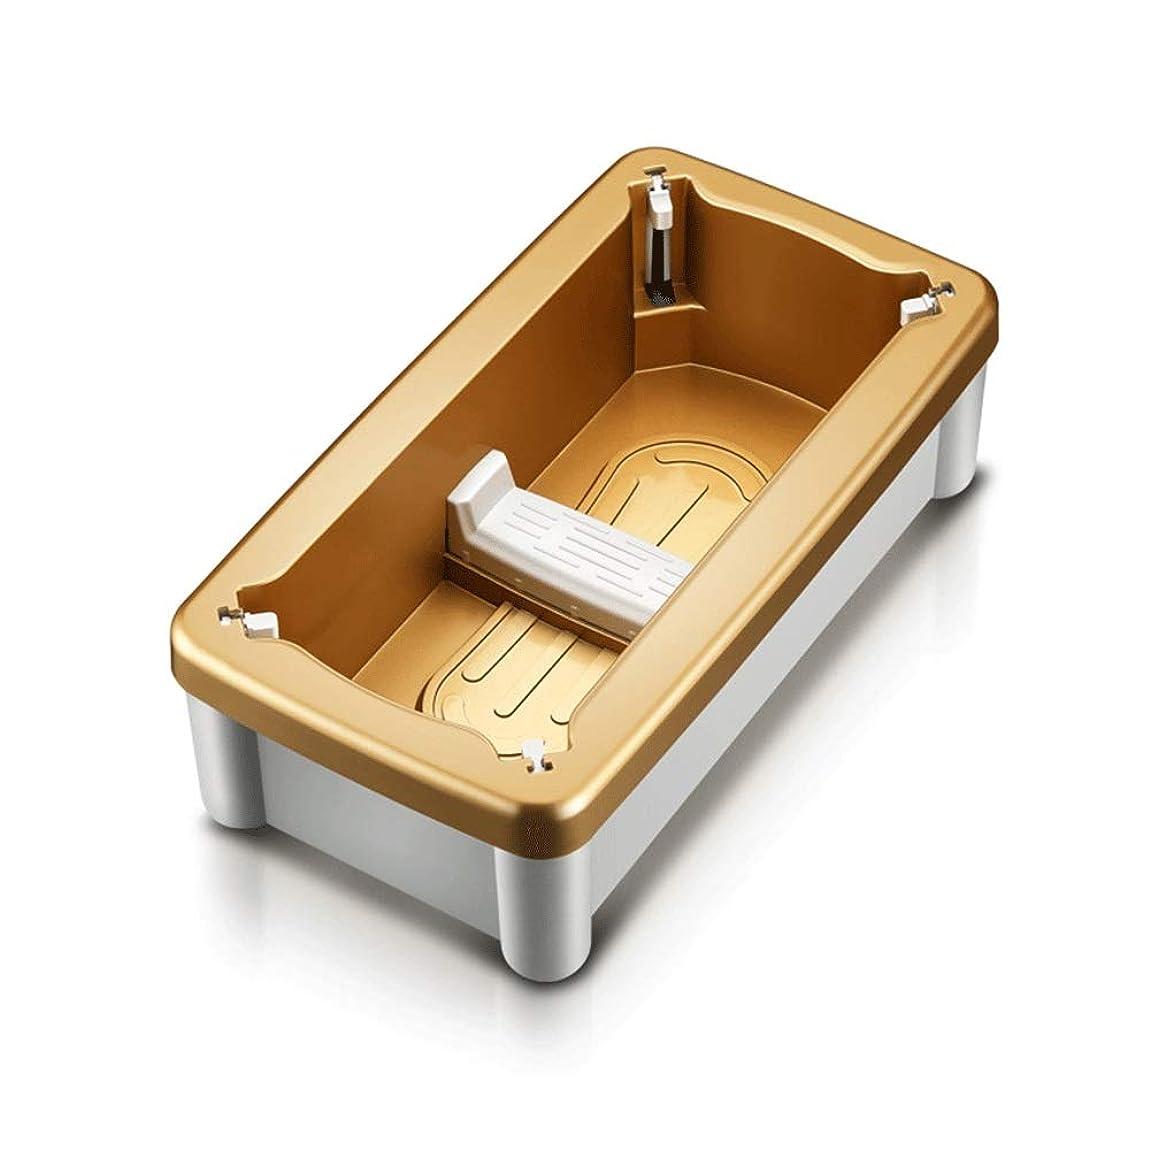 頑張る封筒囲い靴カバーマシンホーム自動使い捨て靴マシンオフィス足型機スマートフットカバー変更靴カオスを避けるために (Color : Gold)